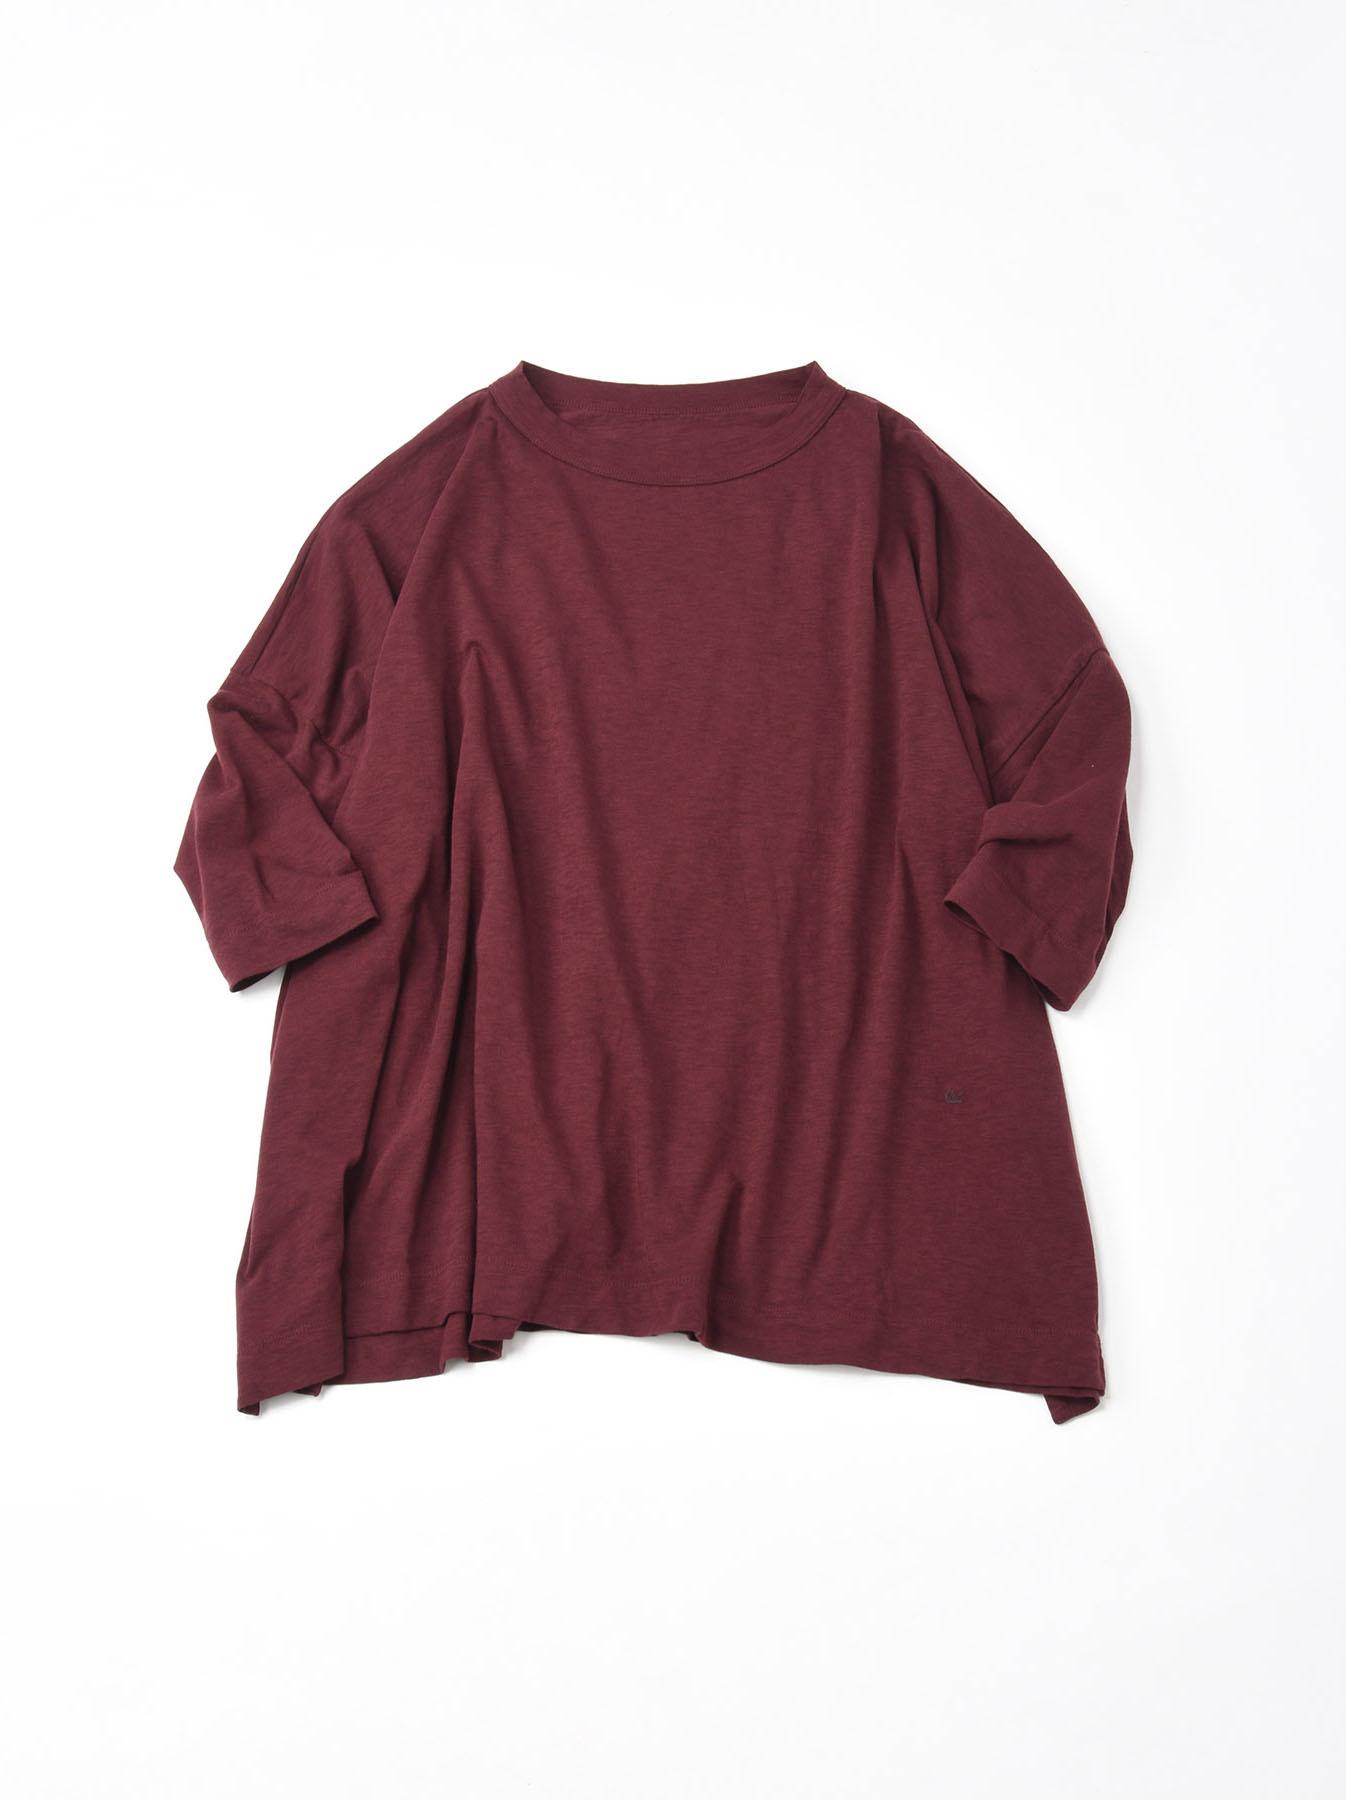 Zimbabwe Cotton New 45 Star Big T-shirt-1